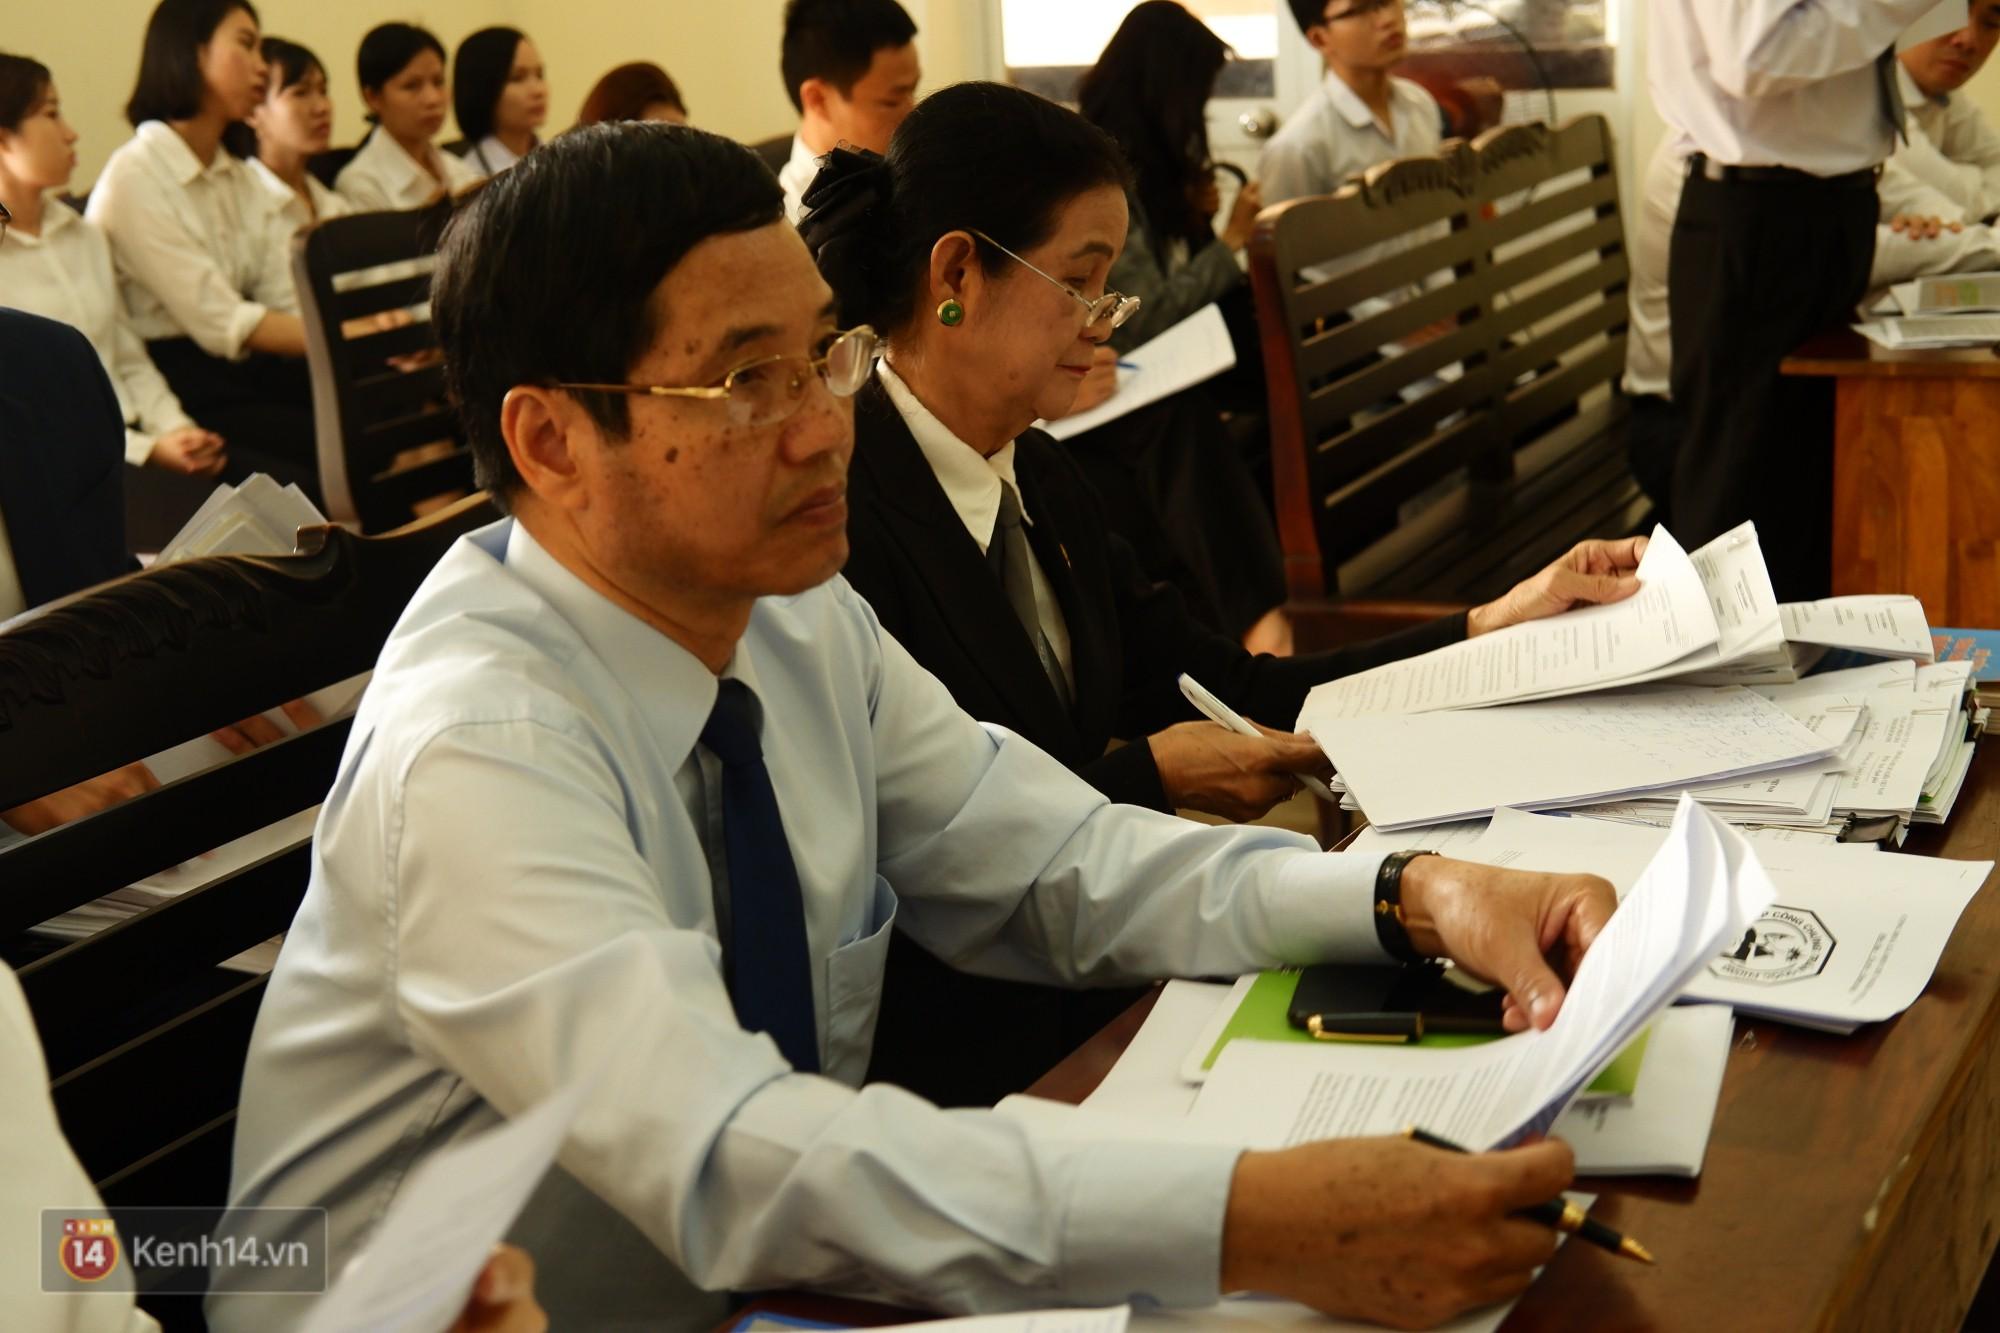 Ông Đặng Lê Nguyên Vũ và bà Diệp Thảo vắng mặt trong phiên họp giải quyết tranh chấp quyền đại diện công ty hoà tan Trung Nguyên - Ảnh 1.